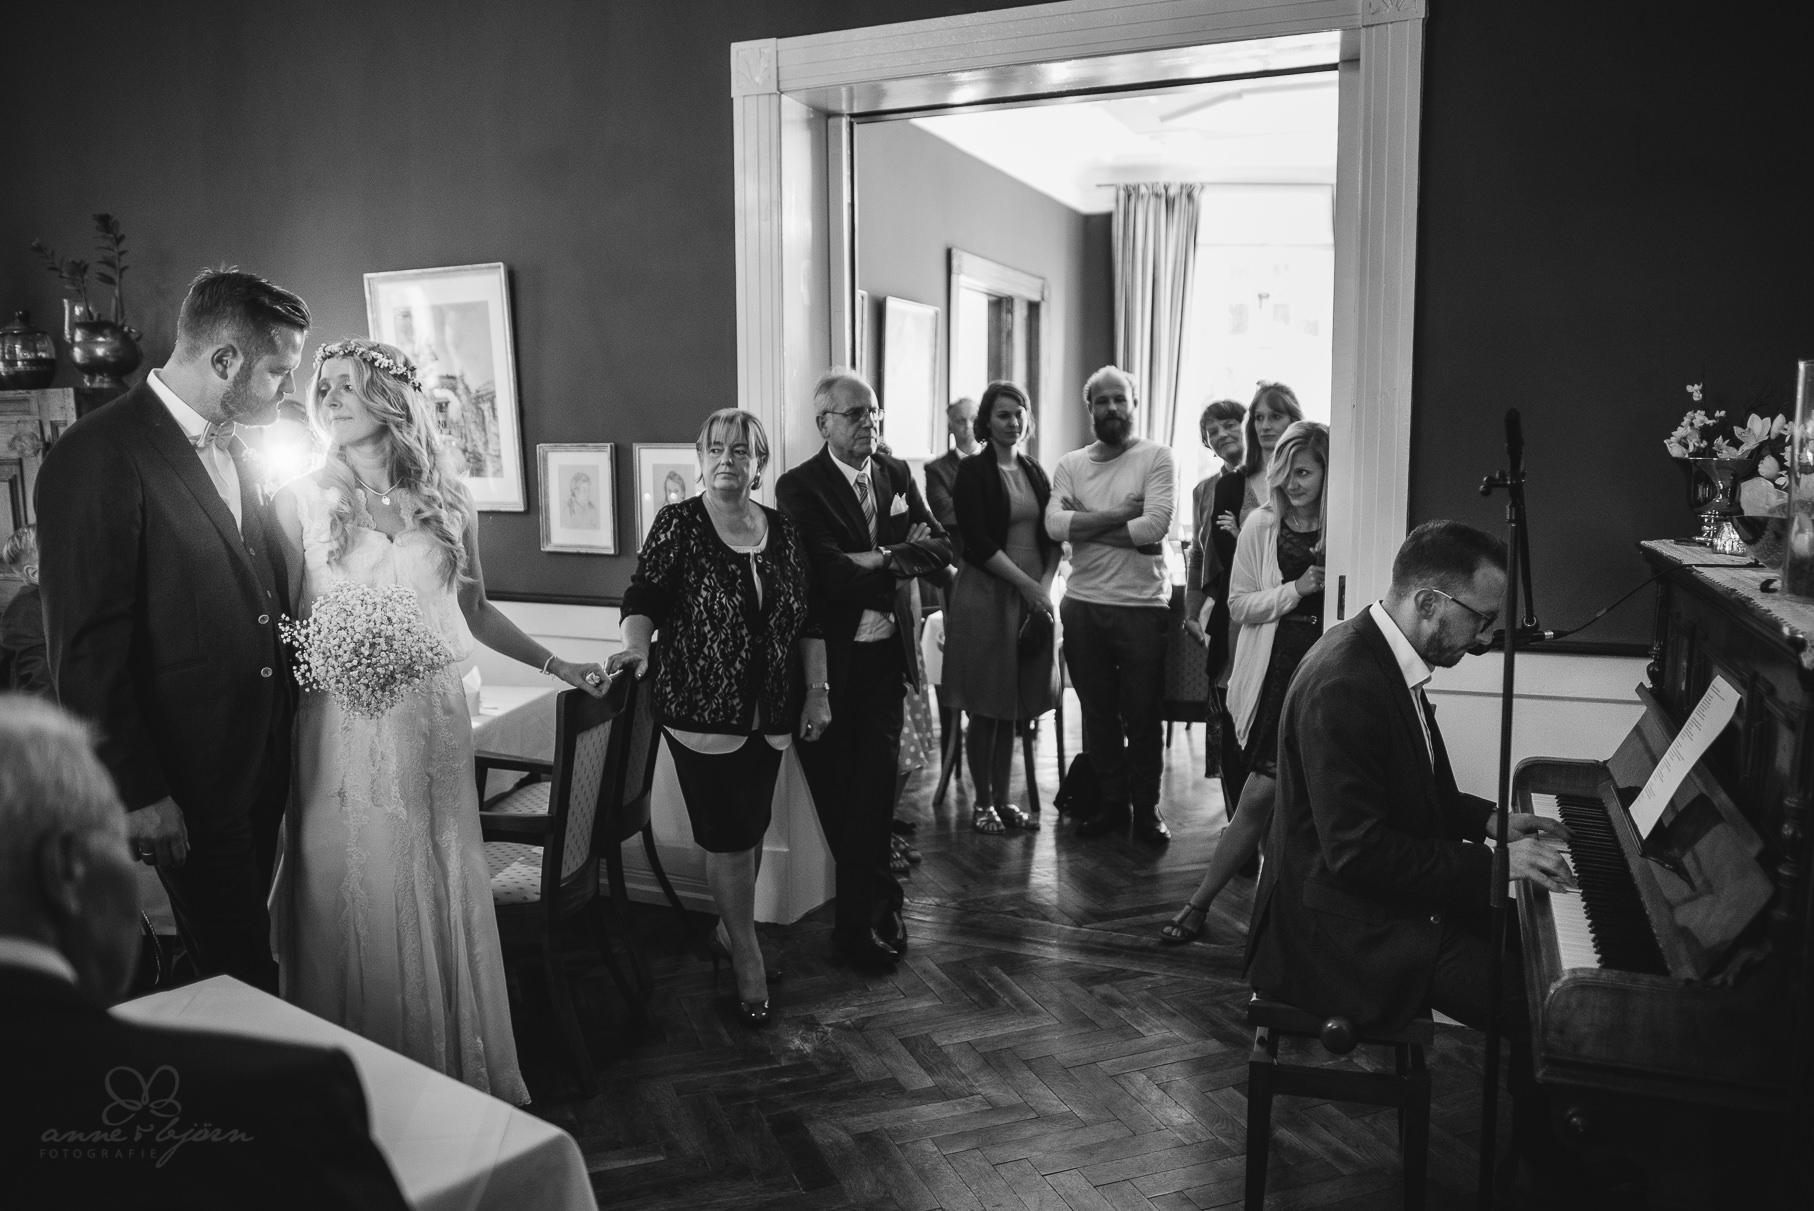 0101 anne und bjoern claudi und enno 811 3606 - Hochzeit auf Rügen (Klein Kubbelkow) - Claudi & Enno